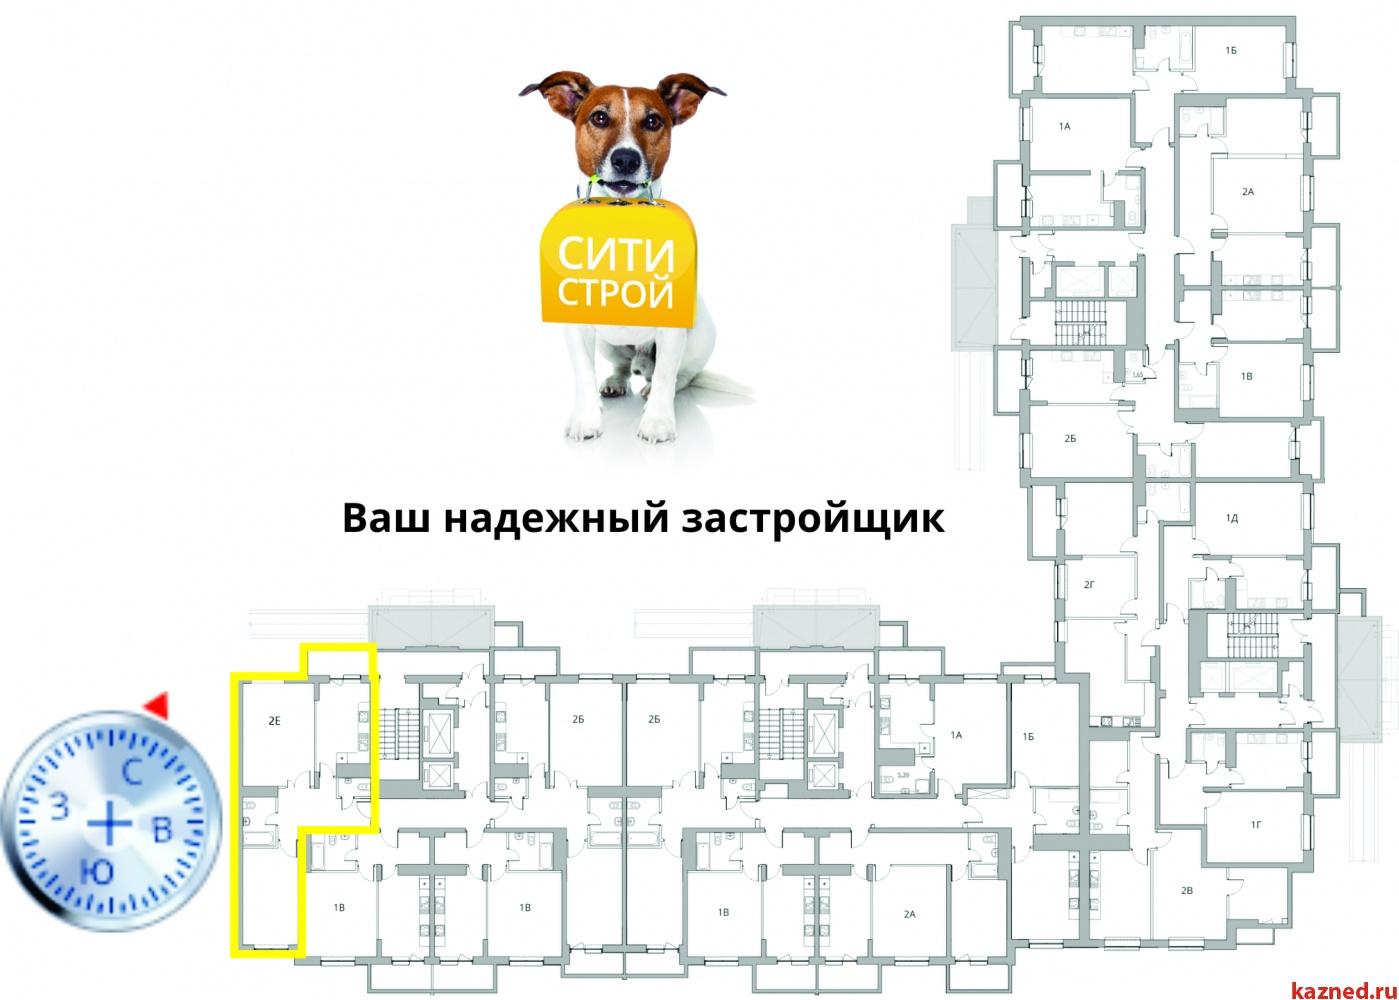 Продажа 2-к квартиры Камая 8, 1 очередь, 71 м²  (миниатюра №2)